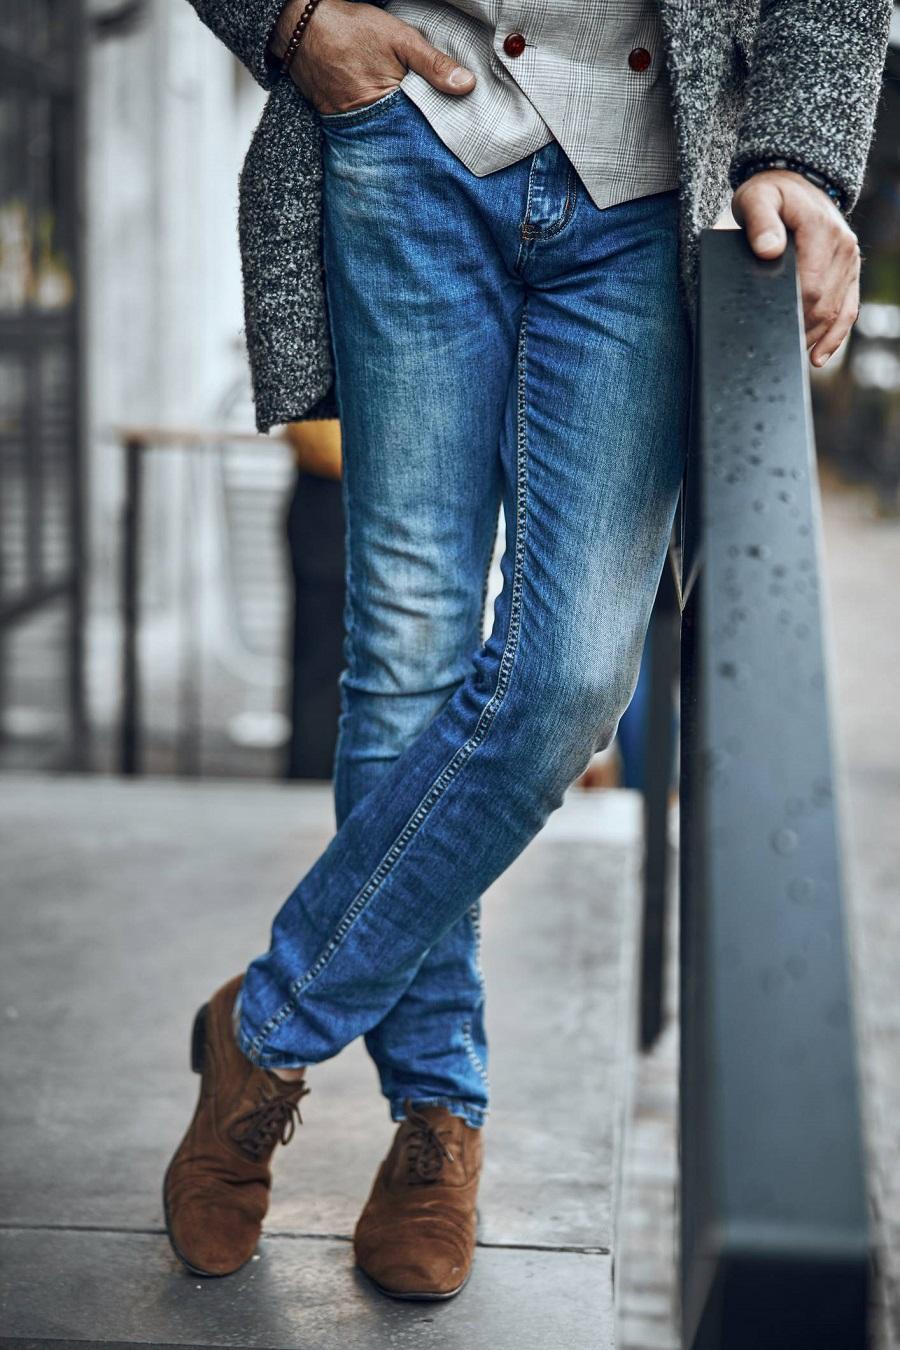 Le jean, incontournable du look américain